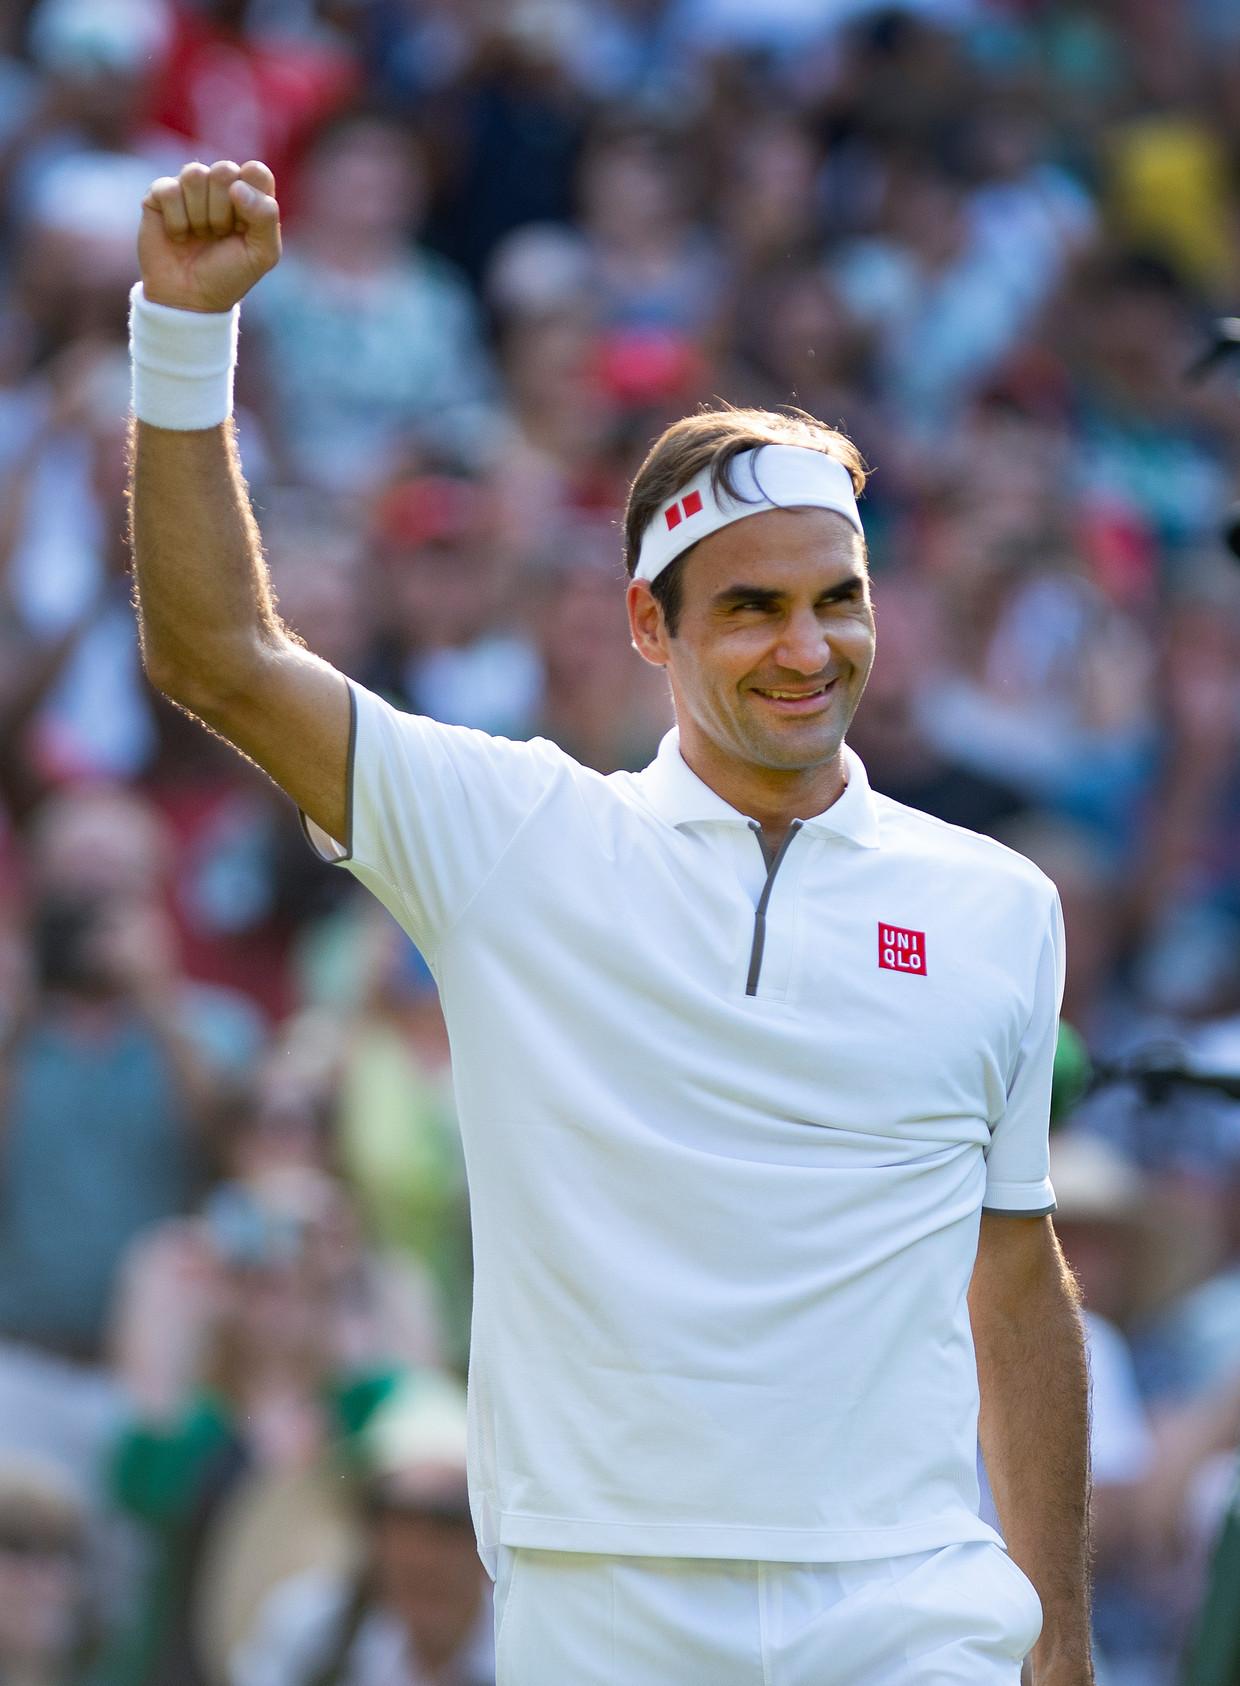 De vuist kan omhoog, Roger Federer is door naar de finale op Wimbledon.